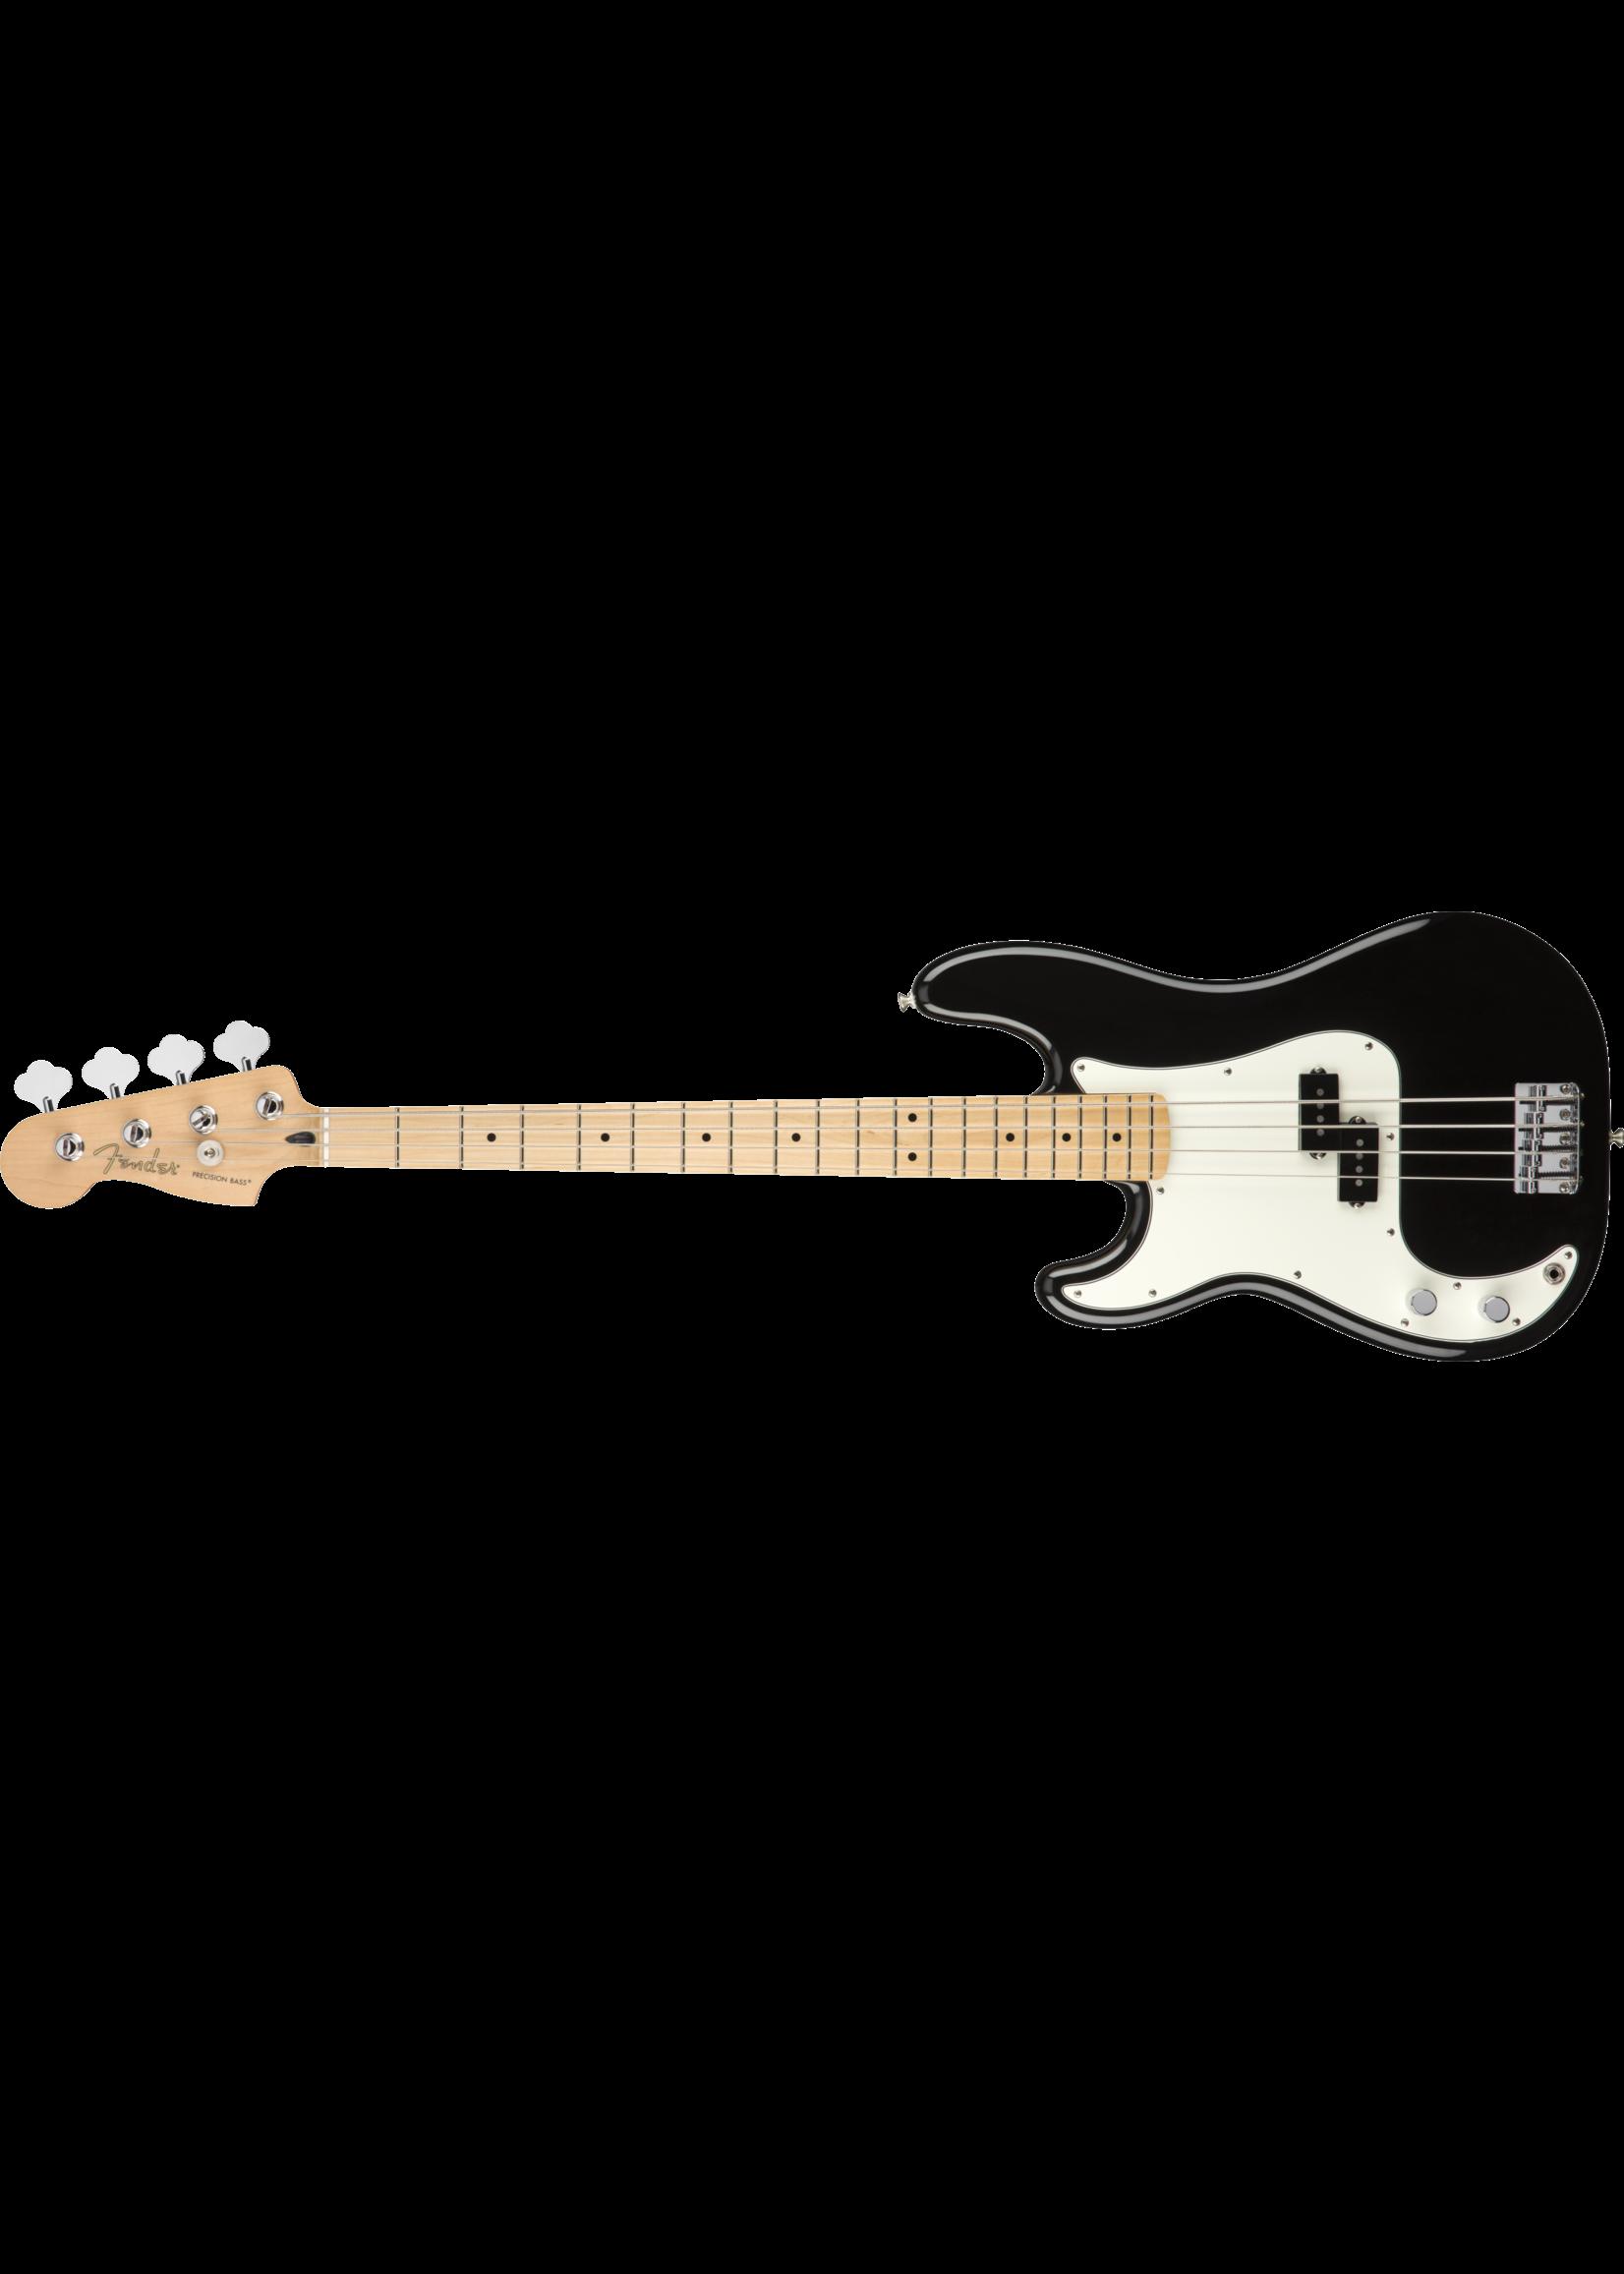 Fender Fender Player Precision Bass Left-Handed MN Black